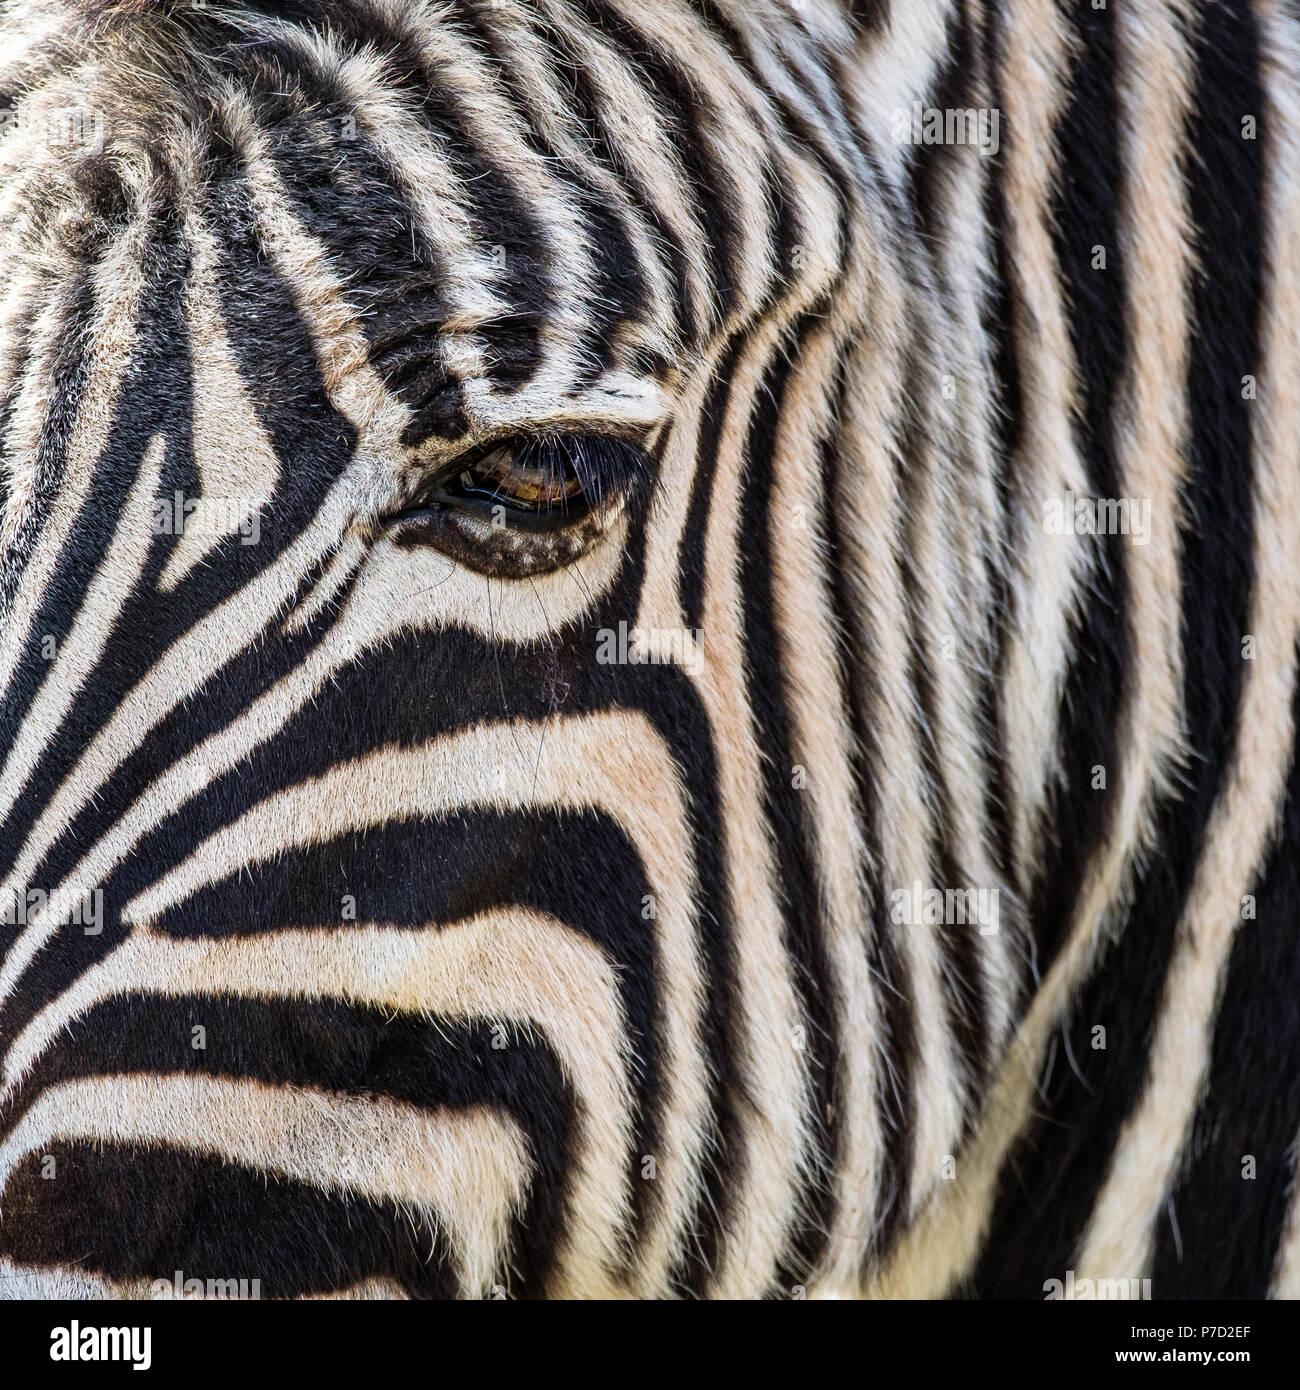 Cerca de un ojo de caballo cebra Imagen De Stock